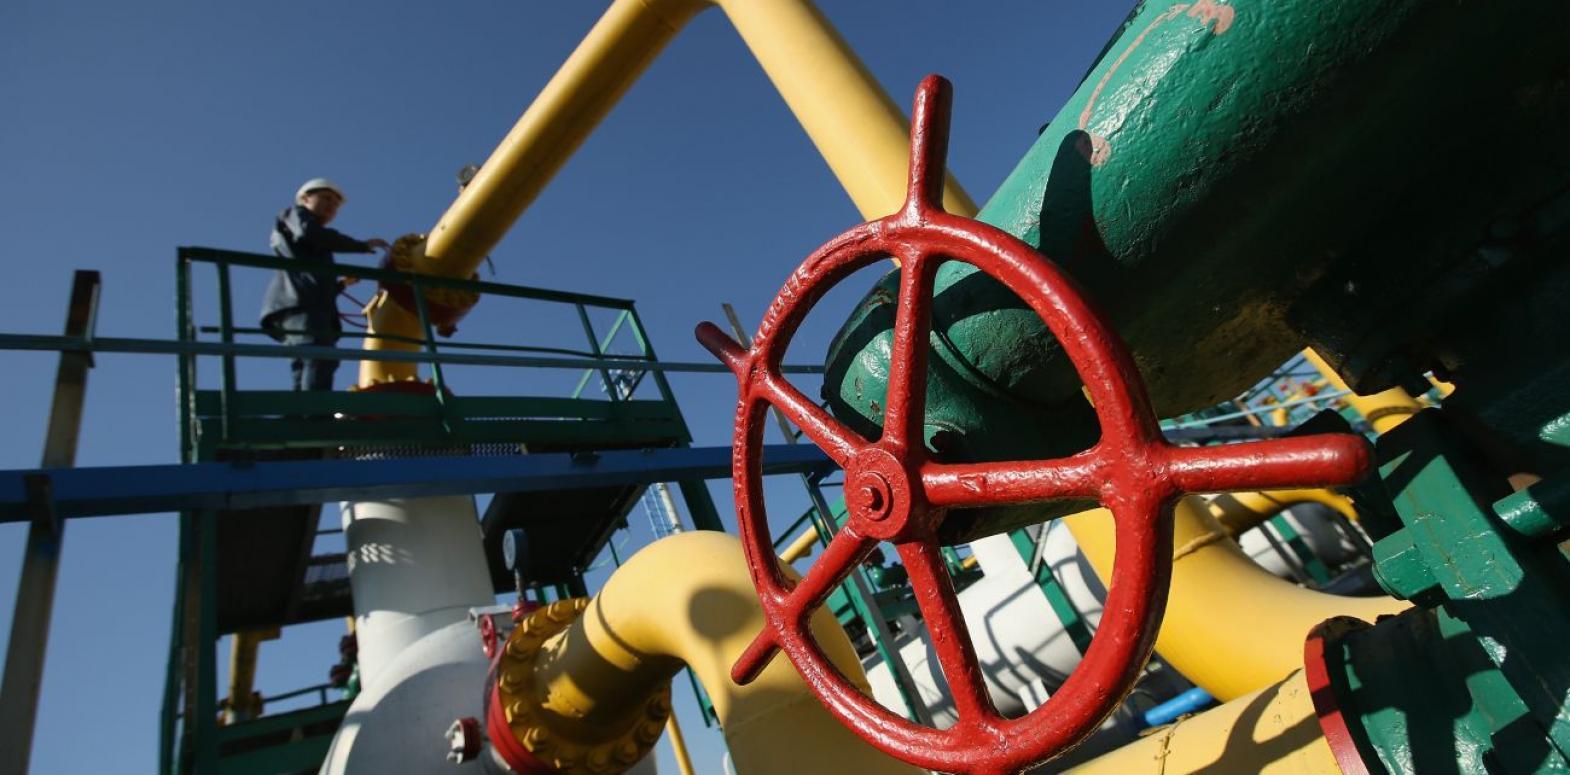 Цены на газ в Европе упали на 10% после рекордного роста